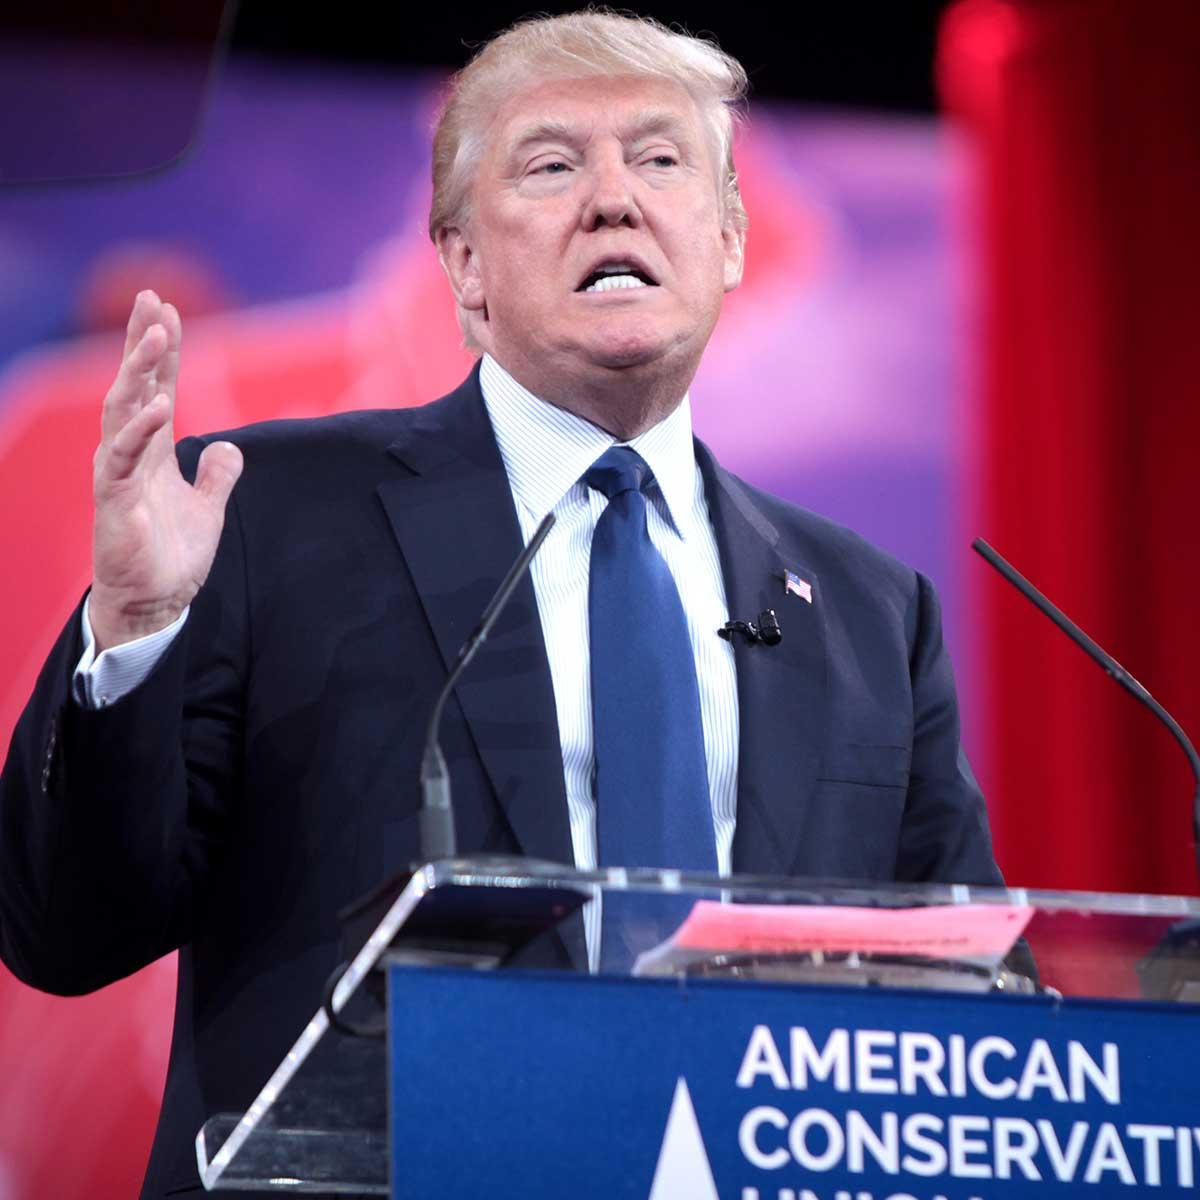 Donald Trump immigration